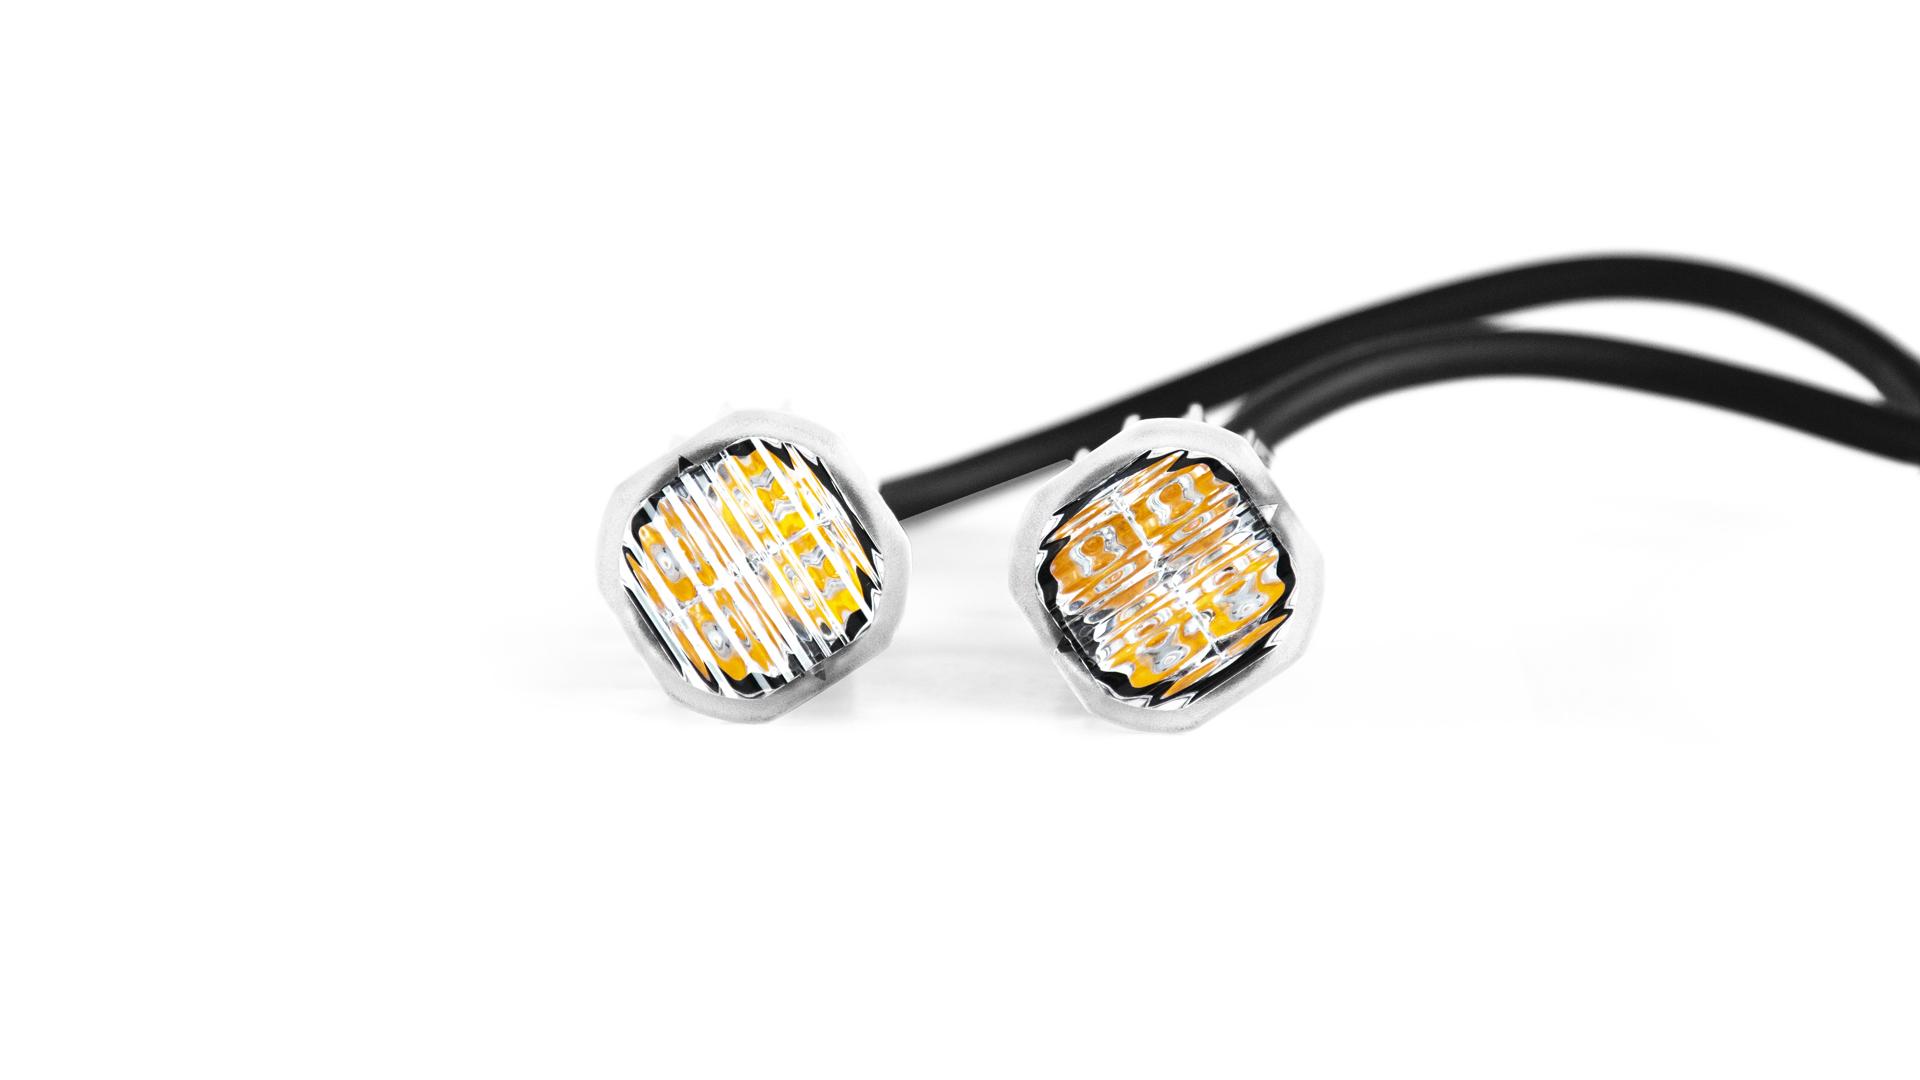 UR04 Covert LED warning lamp